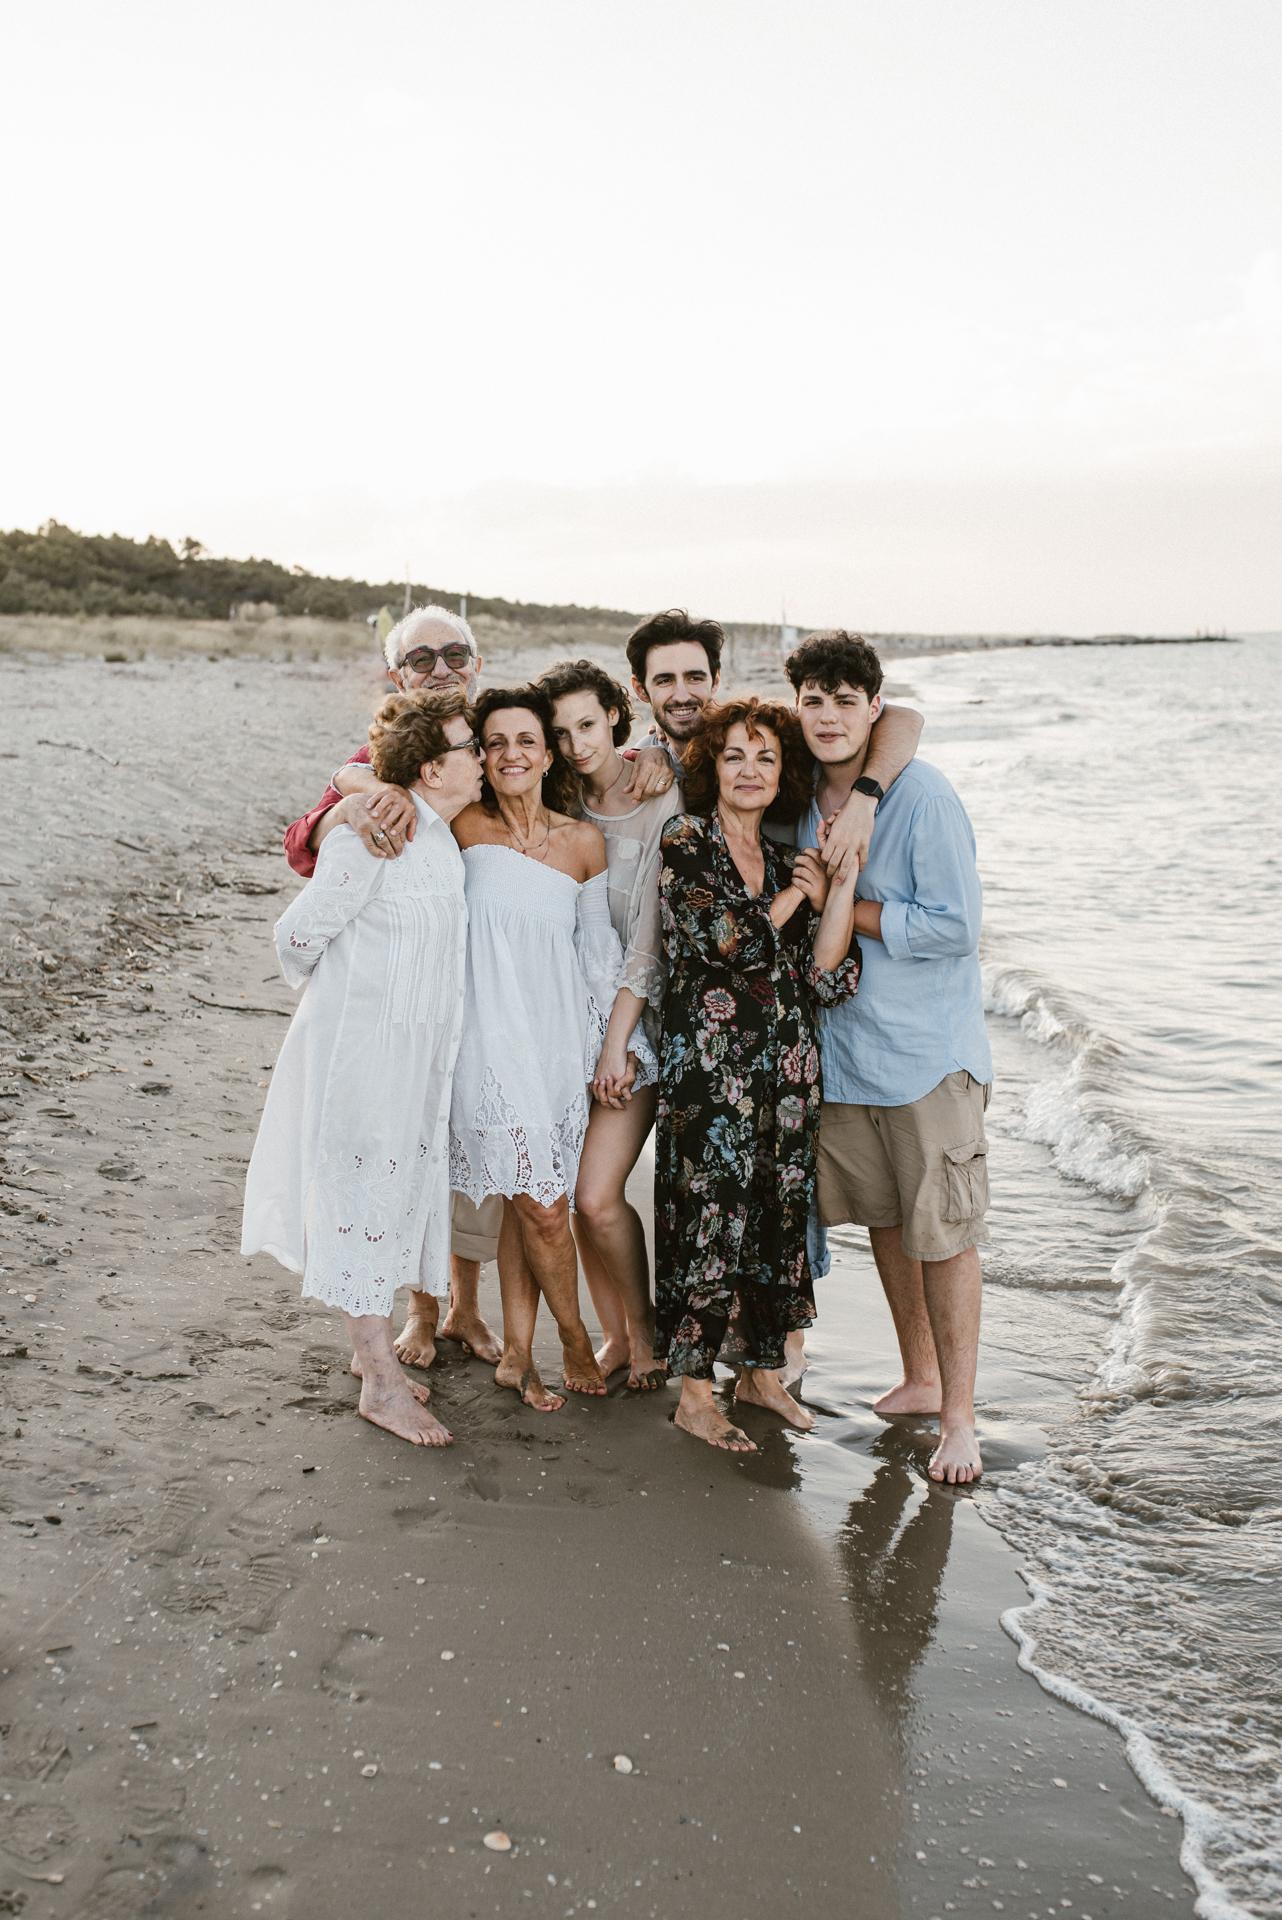 fotografa-famiglia-mare-16